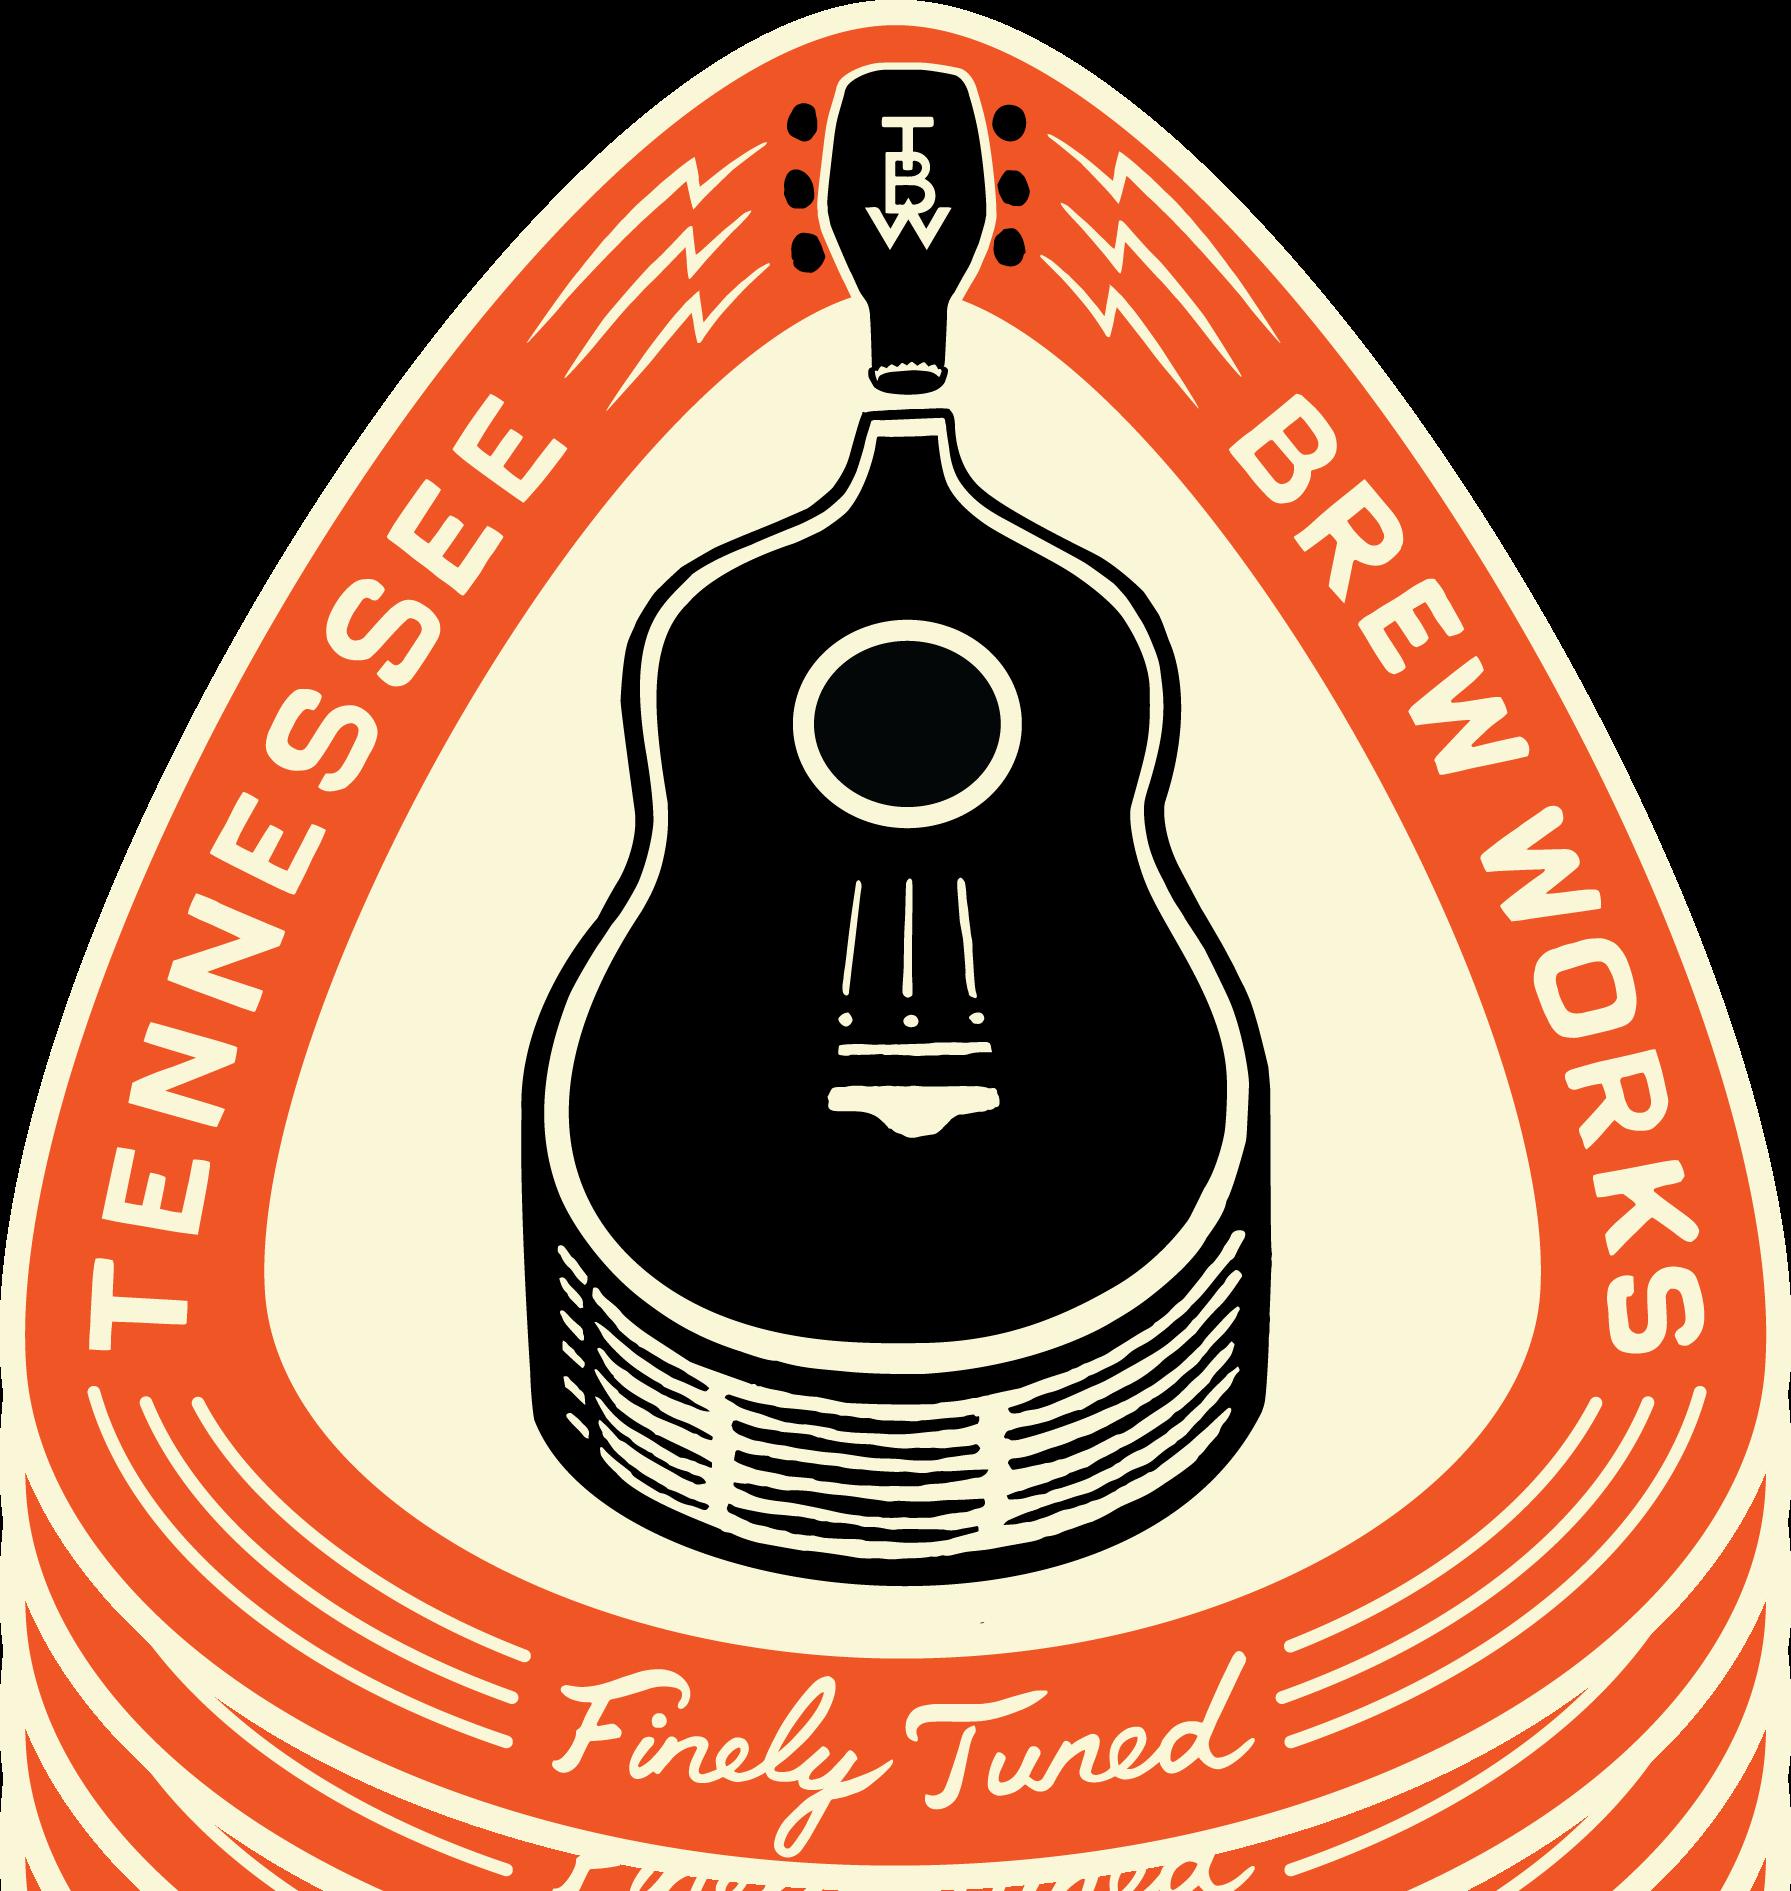 Nashville Craft Beer Brewery